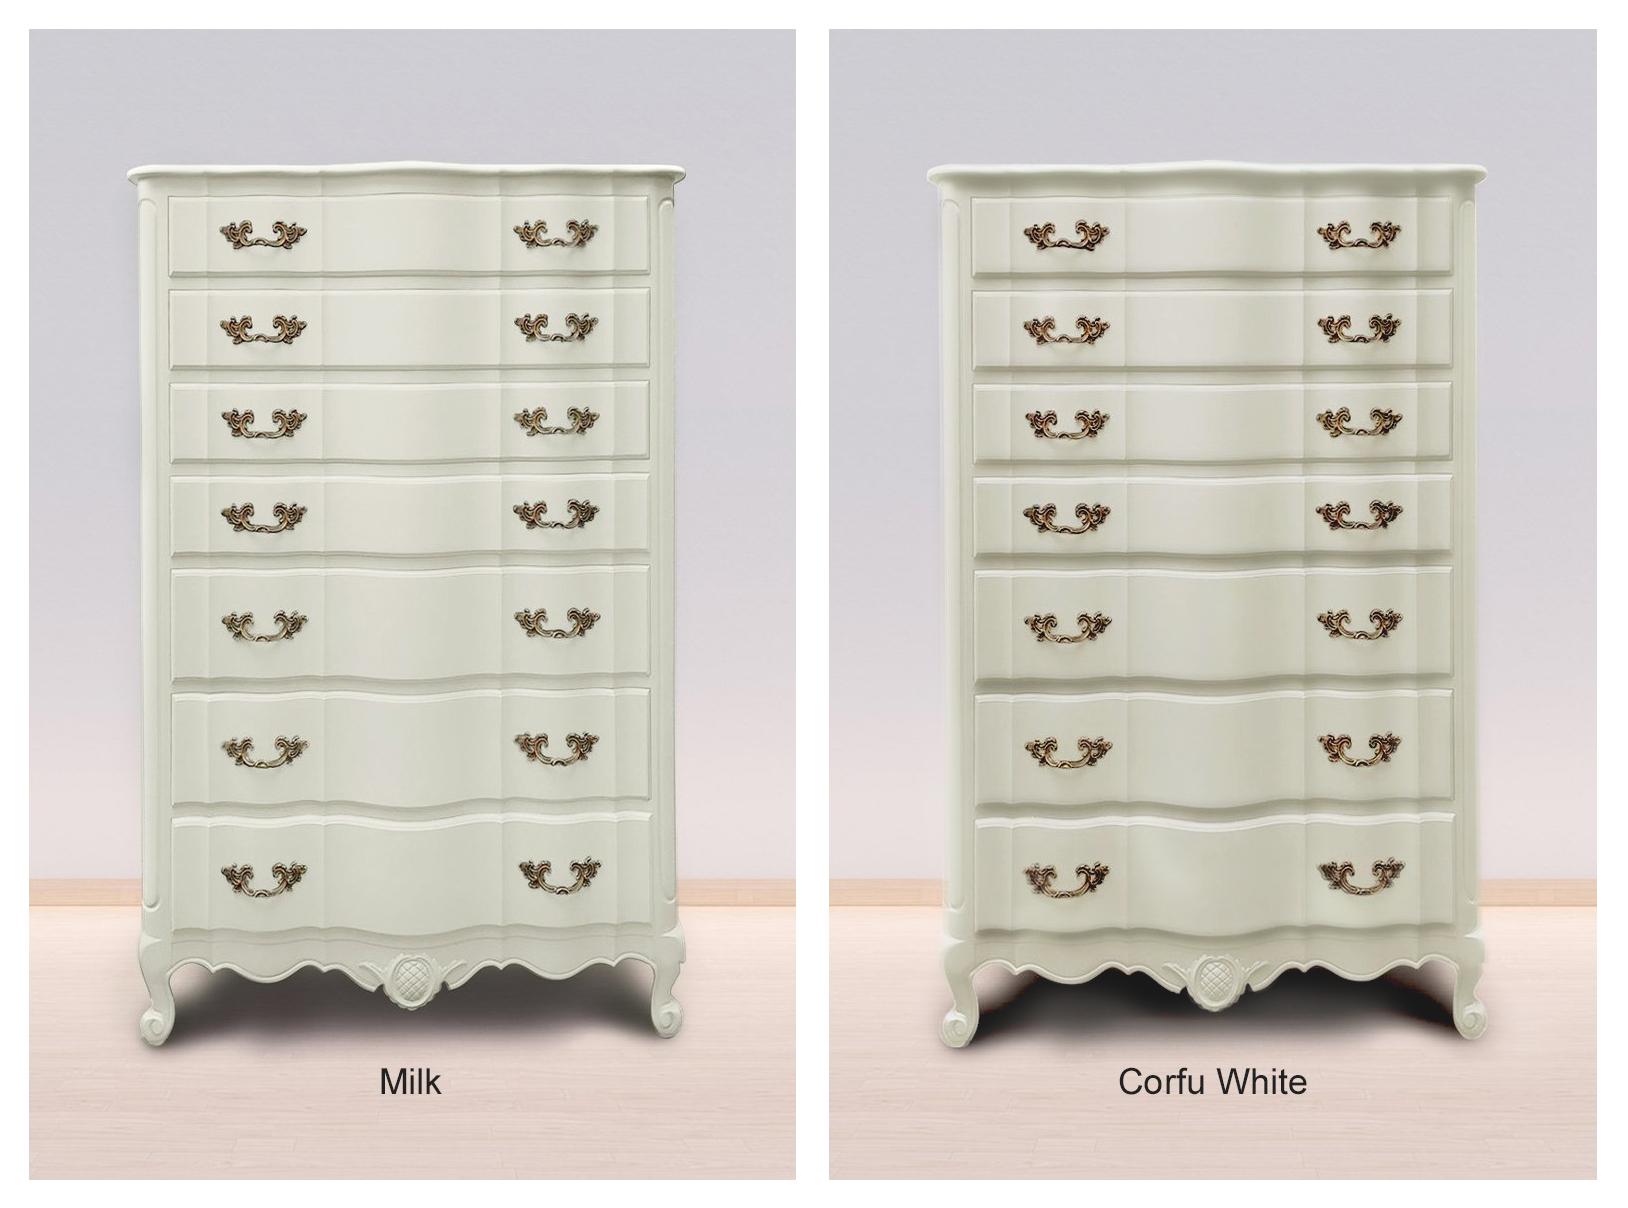 Milk & Corfu White